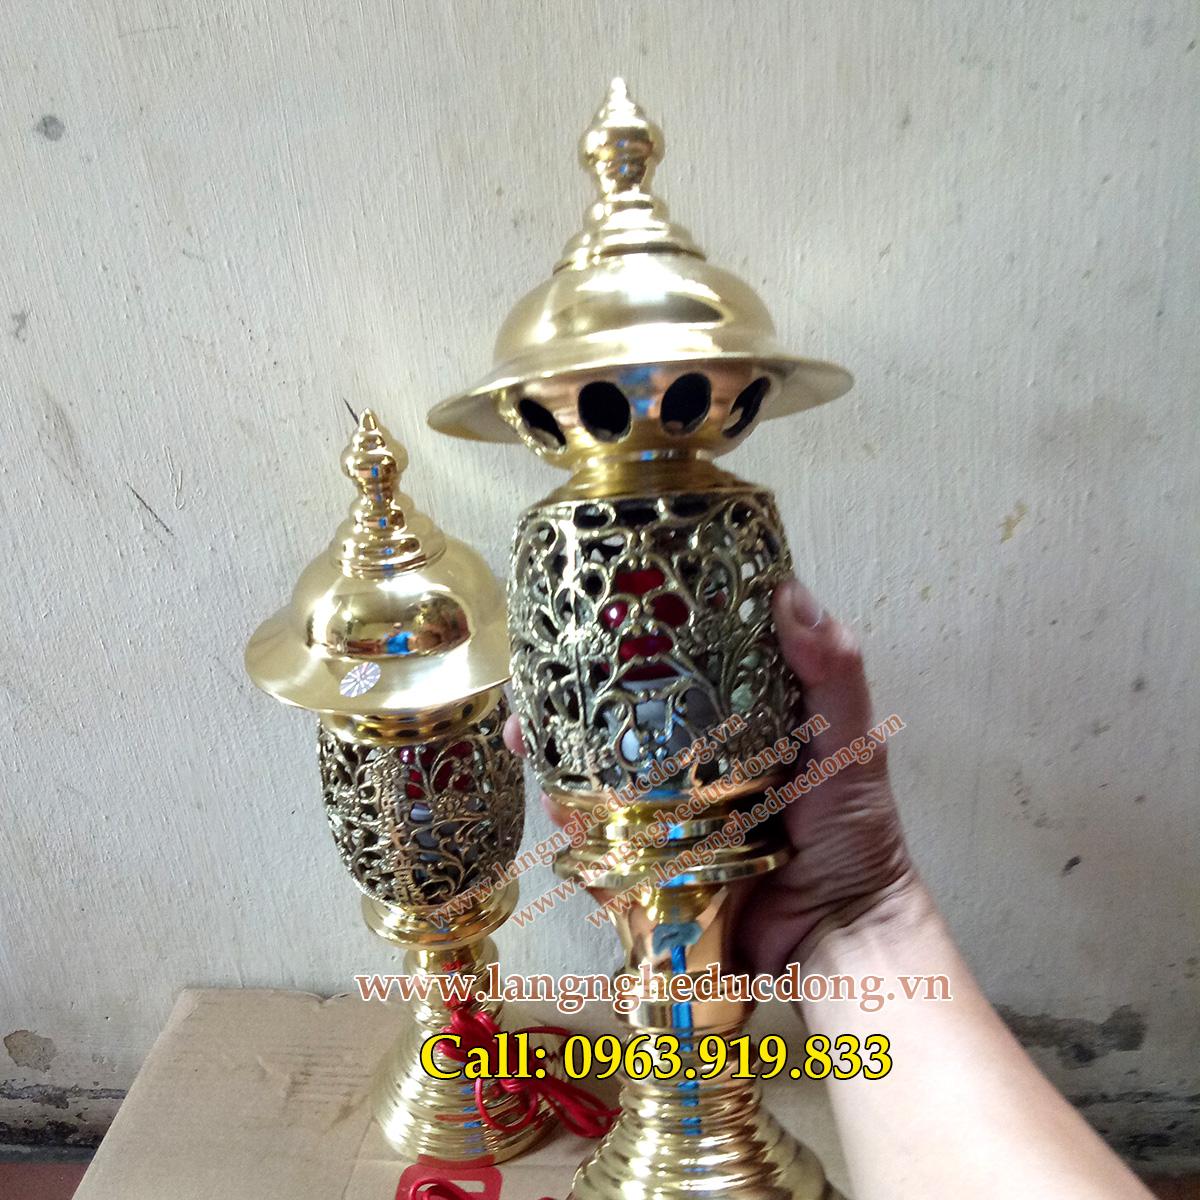 langngheducdong.vn - đèn thờ, đèn đồng, đèn bằng đồng vàng, đôi đèn vàng bóng